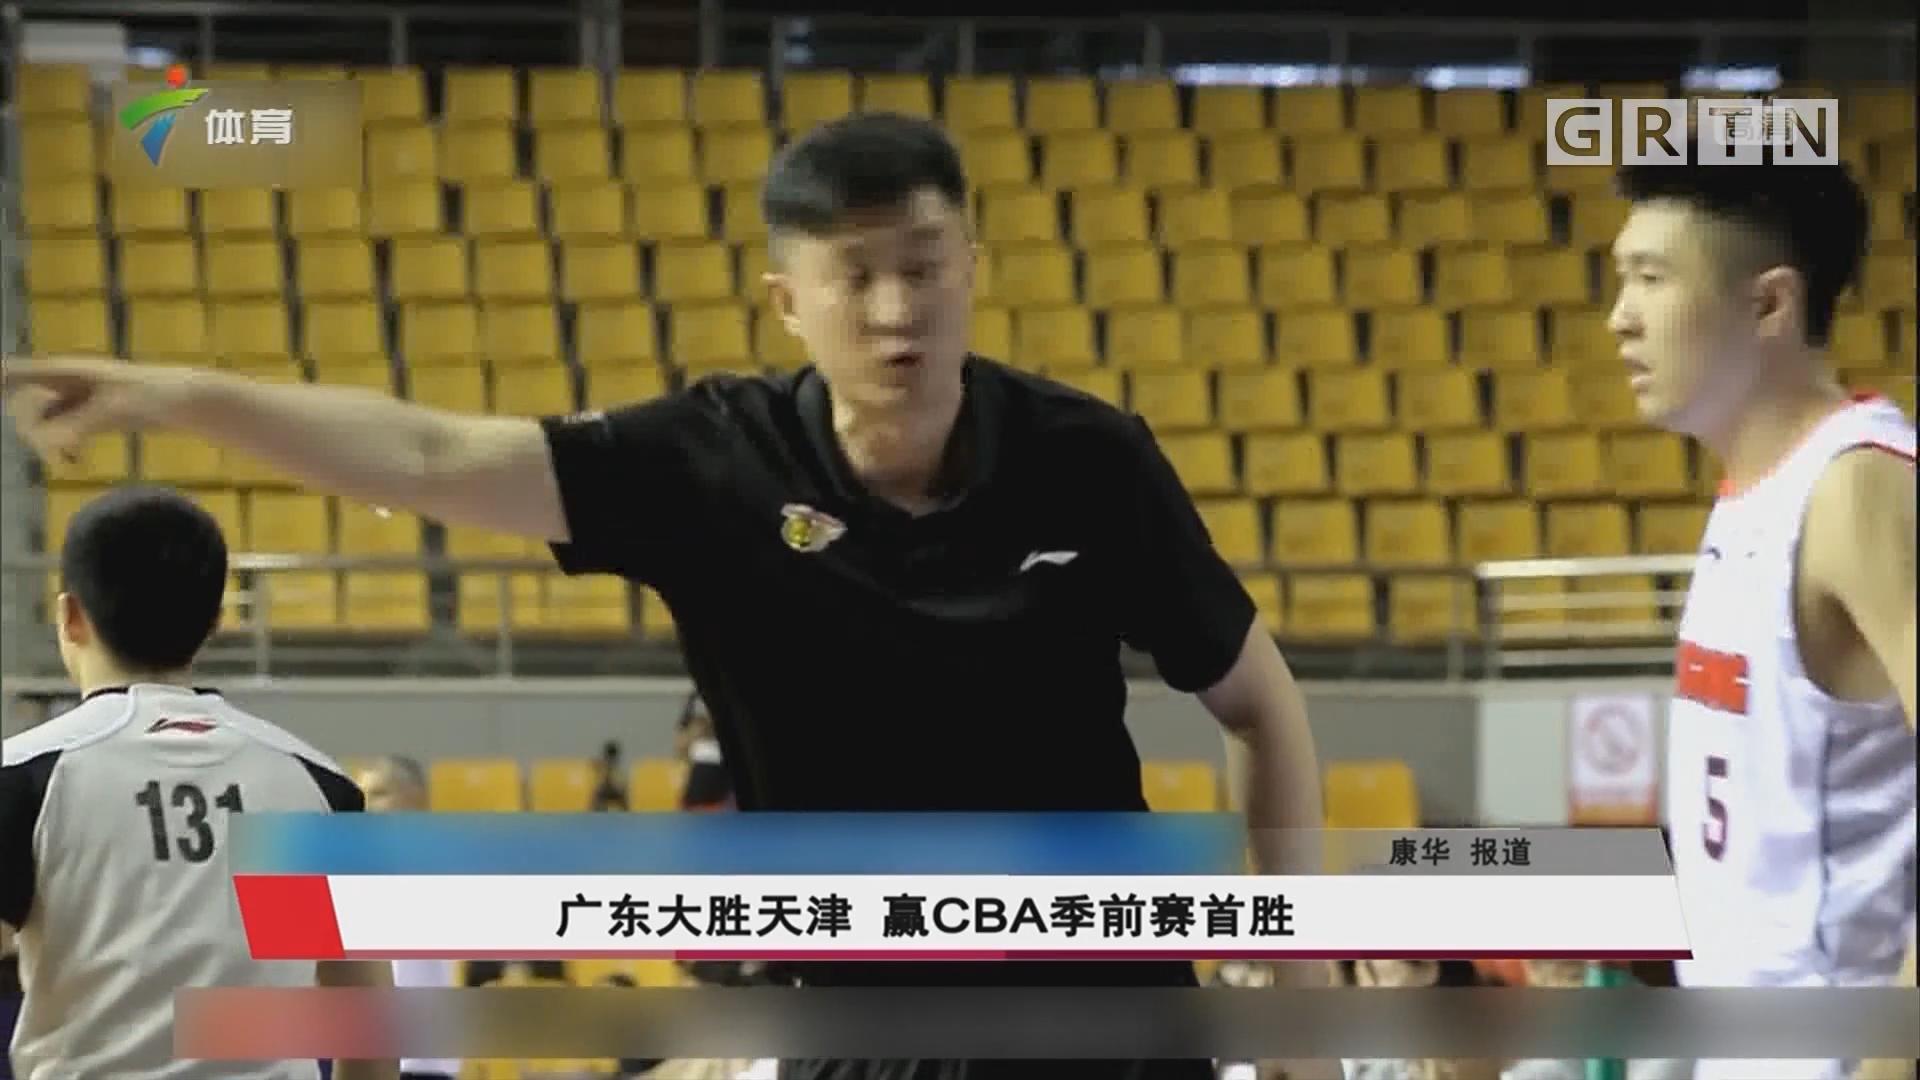 廣東大勝天津 贏CBA季前賽首勝